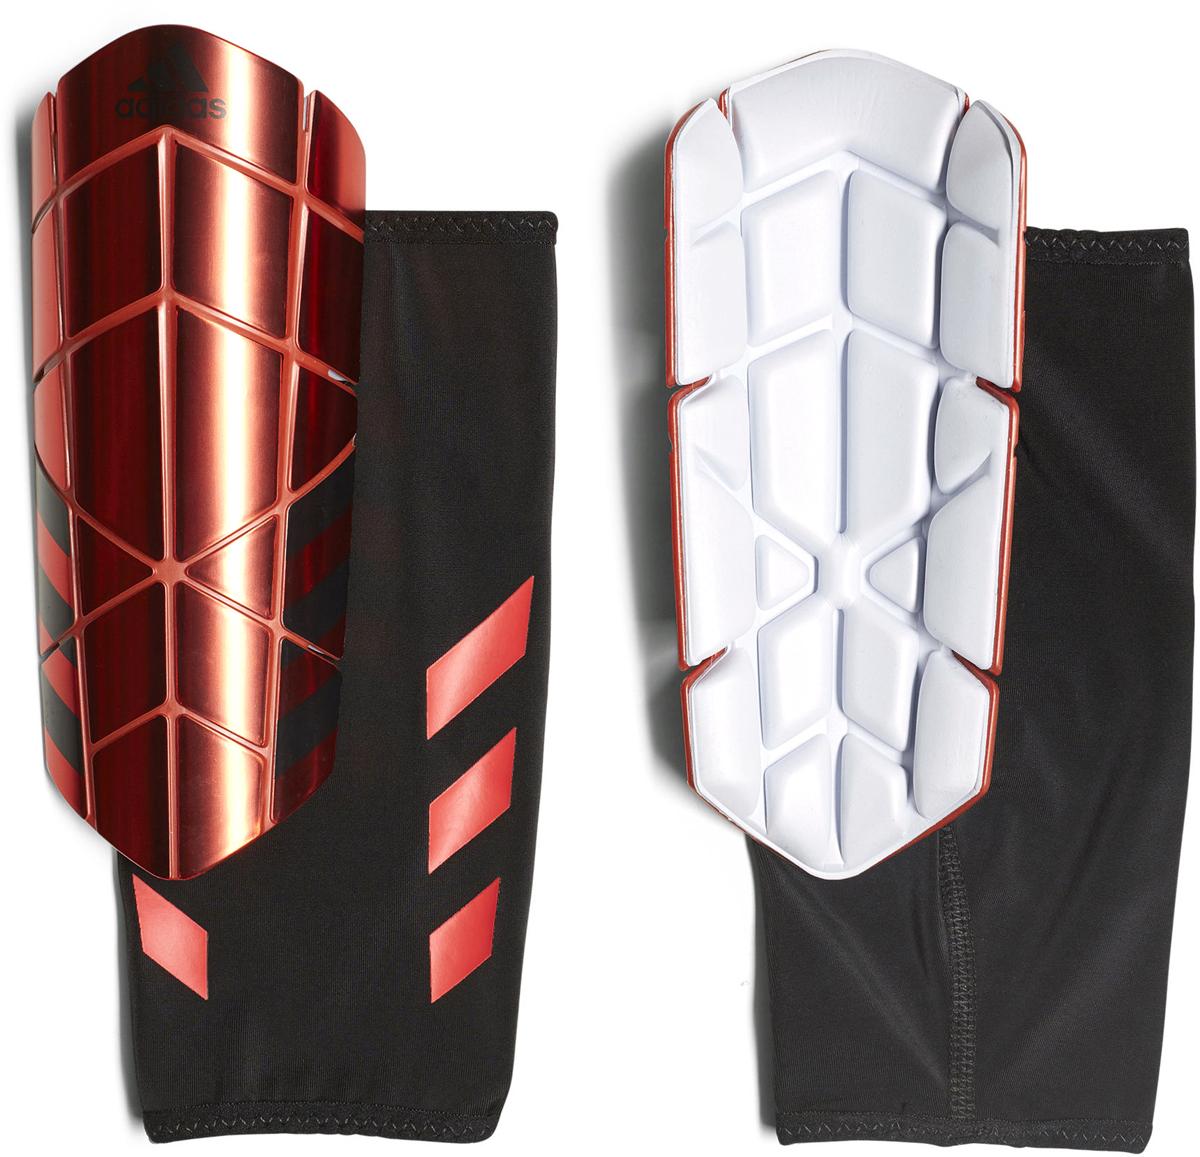 Щитки футбольные Adidas Ghost Pro, цвет: красный. Размер SCF2431Щитки Adidas Ghost Pro для искусного маневрирования. Уверенно обходи защиту в этих футбольных щитках. Гибкие пластины повторяют изгибы голени и не сковывают движения во время маневрирования. Компрессионный рукав удерживает щитки на месте до конца матча.Гибкие рельефные пластины удобного размера обеспечивают максимальную защиту. Внутренний слой из ЭВА для оптимального комфорта и амортизации. Съемная передняя панель обеспечивает идеальную посадку и комфорт. Три полоски и логотип Adidas на лицевой стороне. Щитки выполнены из 95% полипропилена и 5% термопластичной резины.